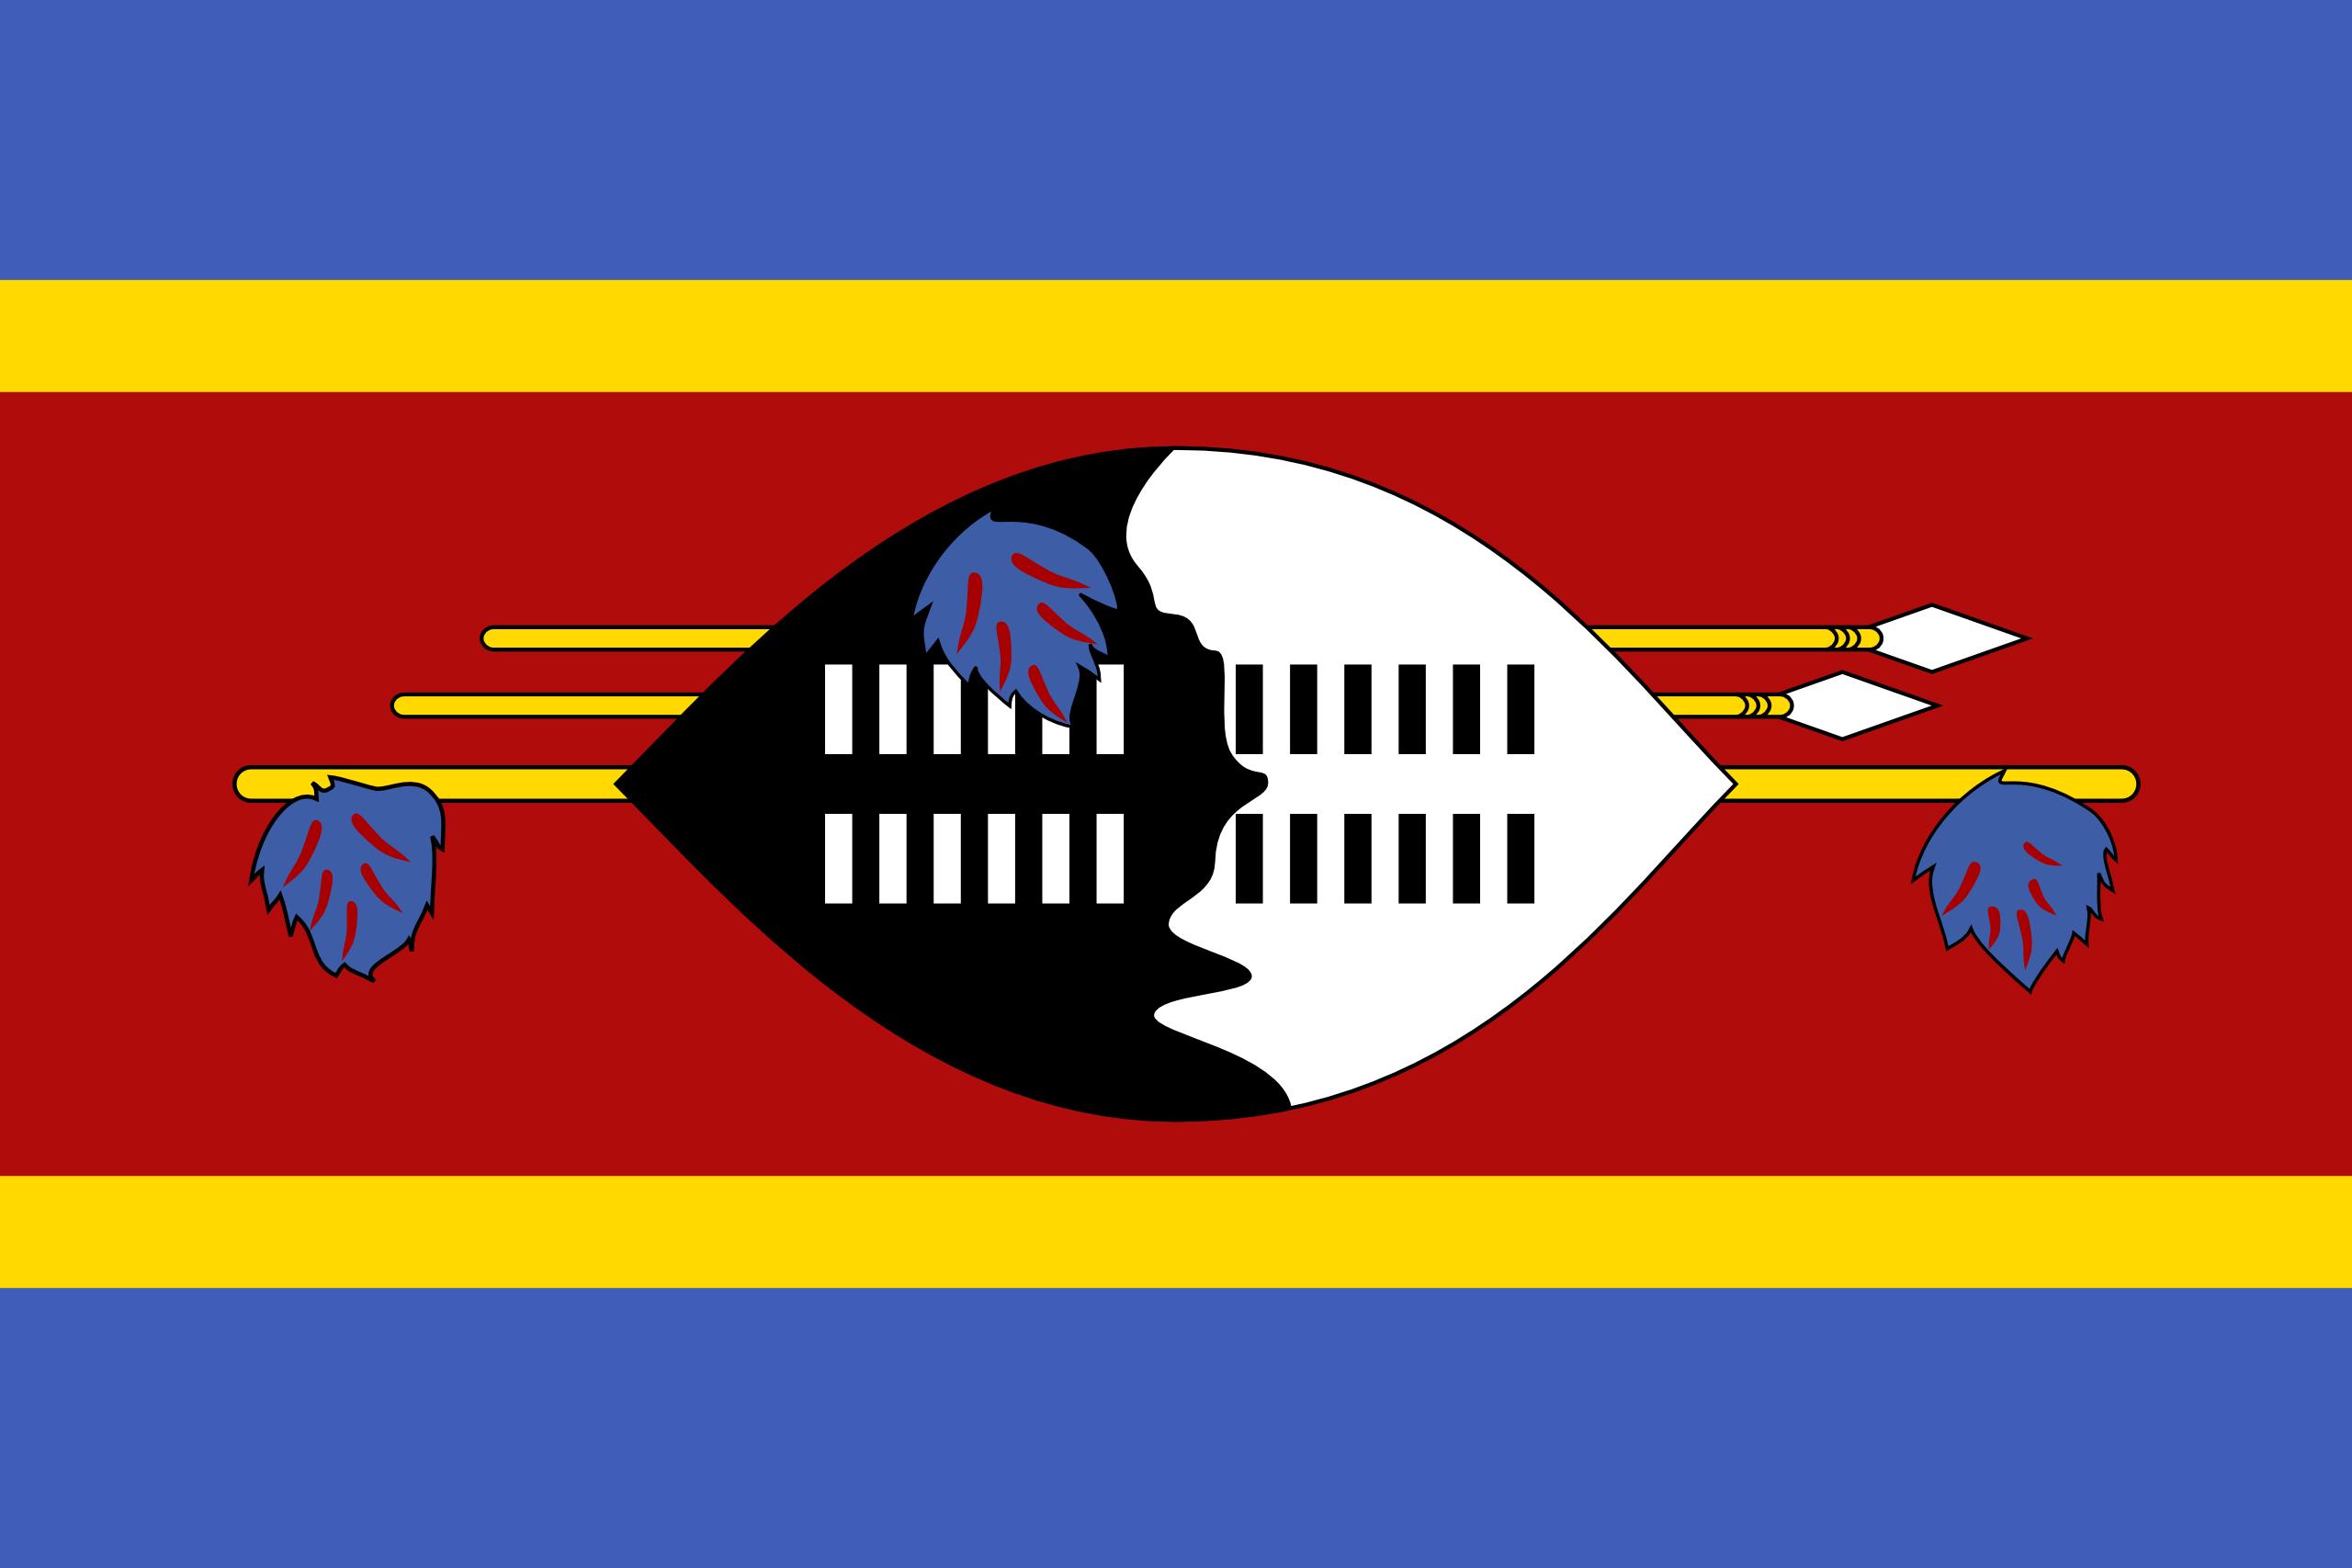 suazilandia, país, emblema, insignia, σύμβολο - Wallpapers HD - Professor-falken.com